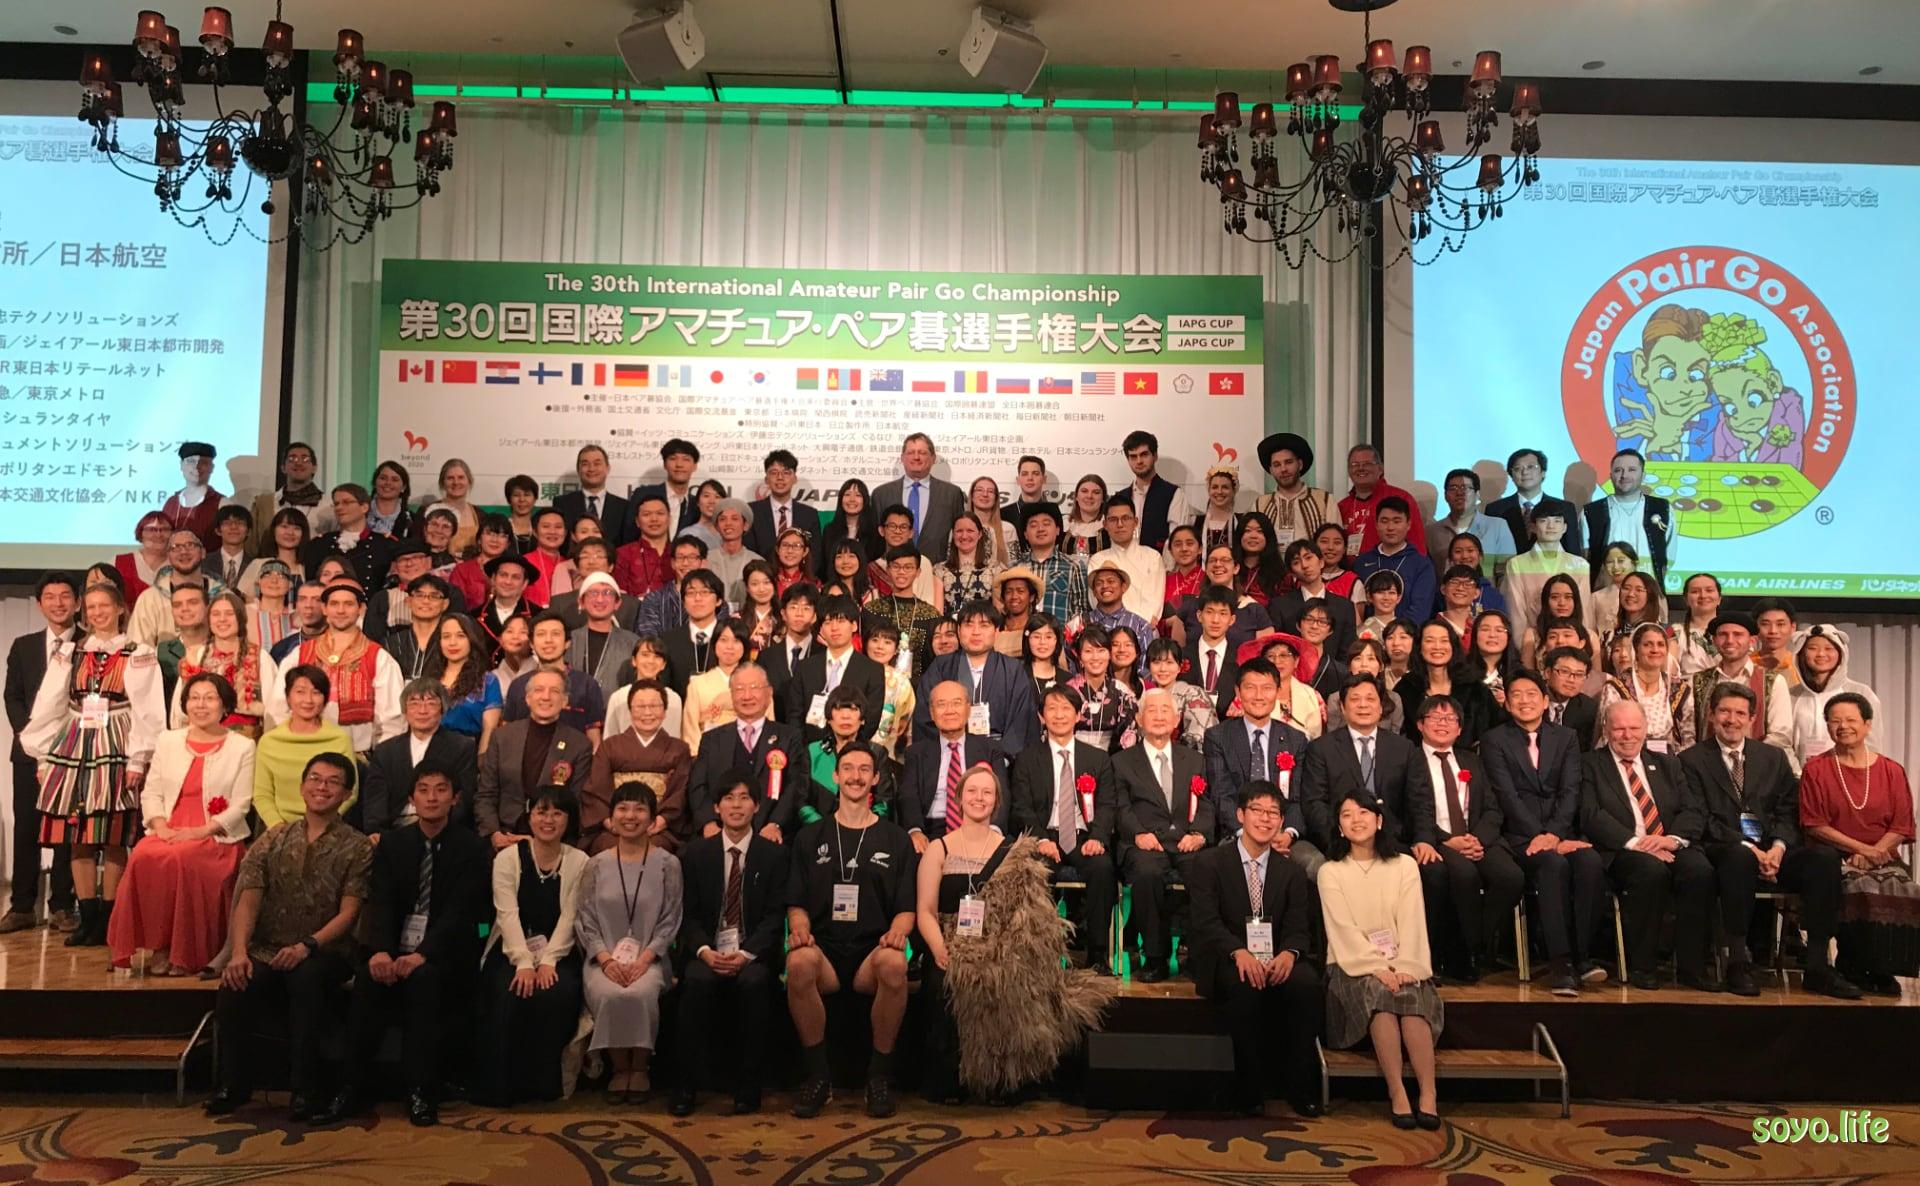 ペア碁・第30回国際アマチュア・ペア碁選手権大会